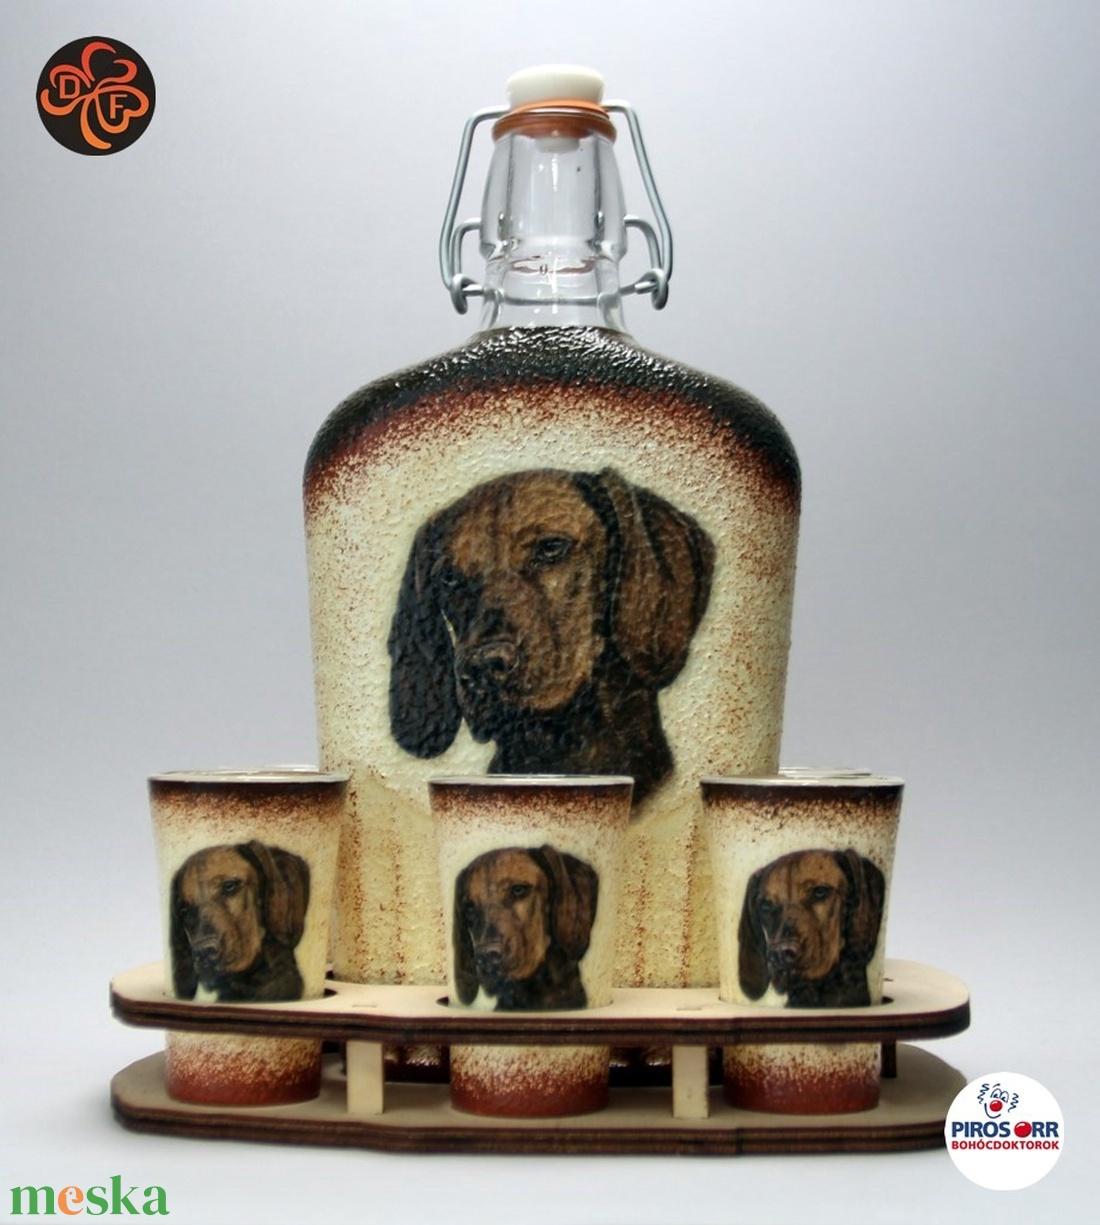 Kutya motívummal (magyar vizsla) díszített nagy pálinkás szett ; Házi kedvenc rajongóknak ;Egyedi állat fotóval is ! (decorfantasy) - Meska.hu